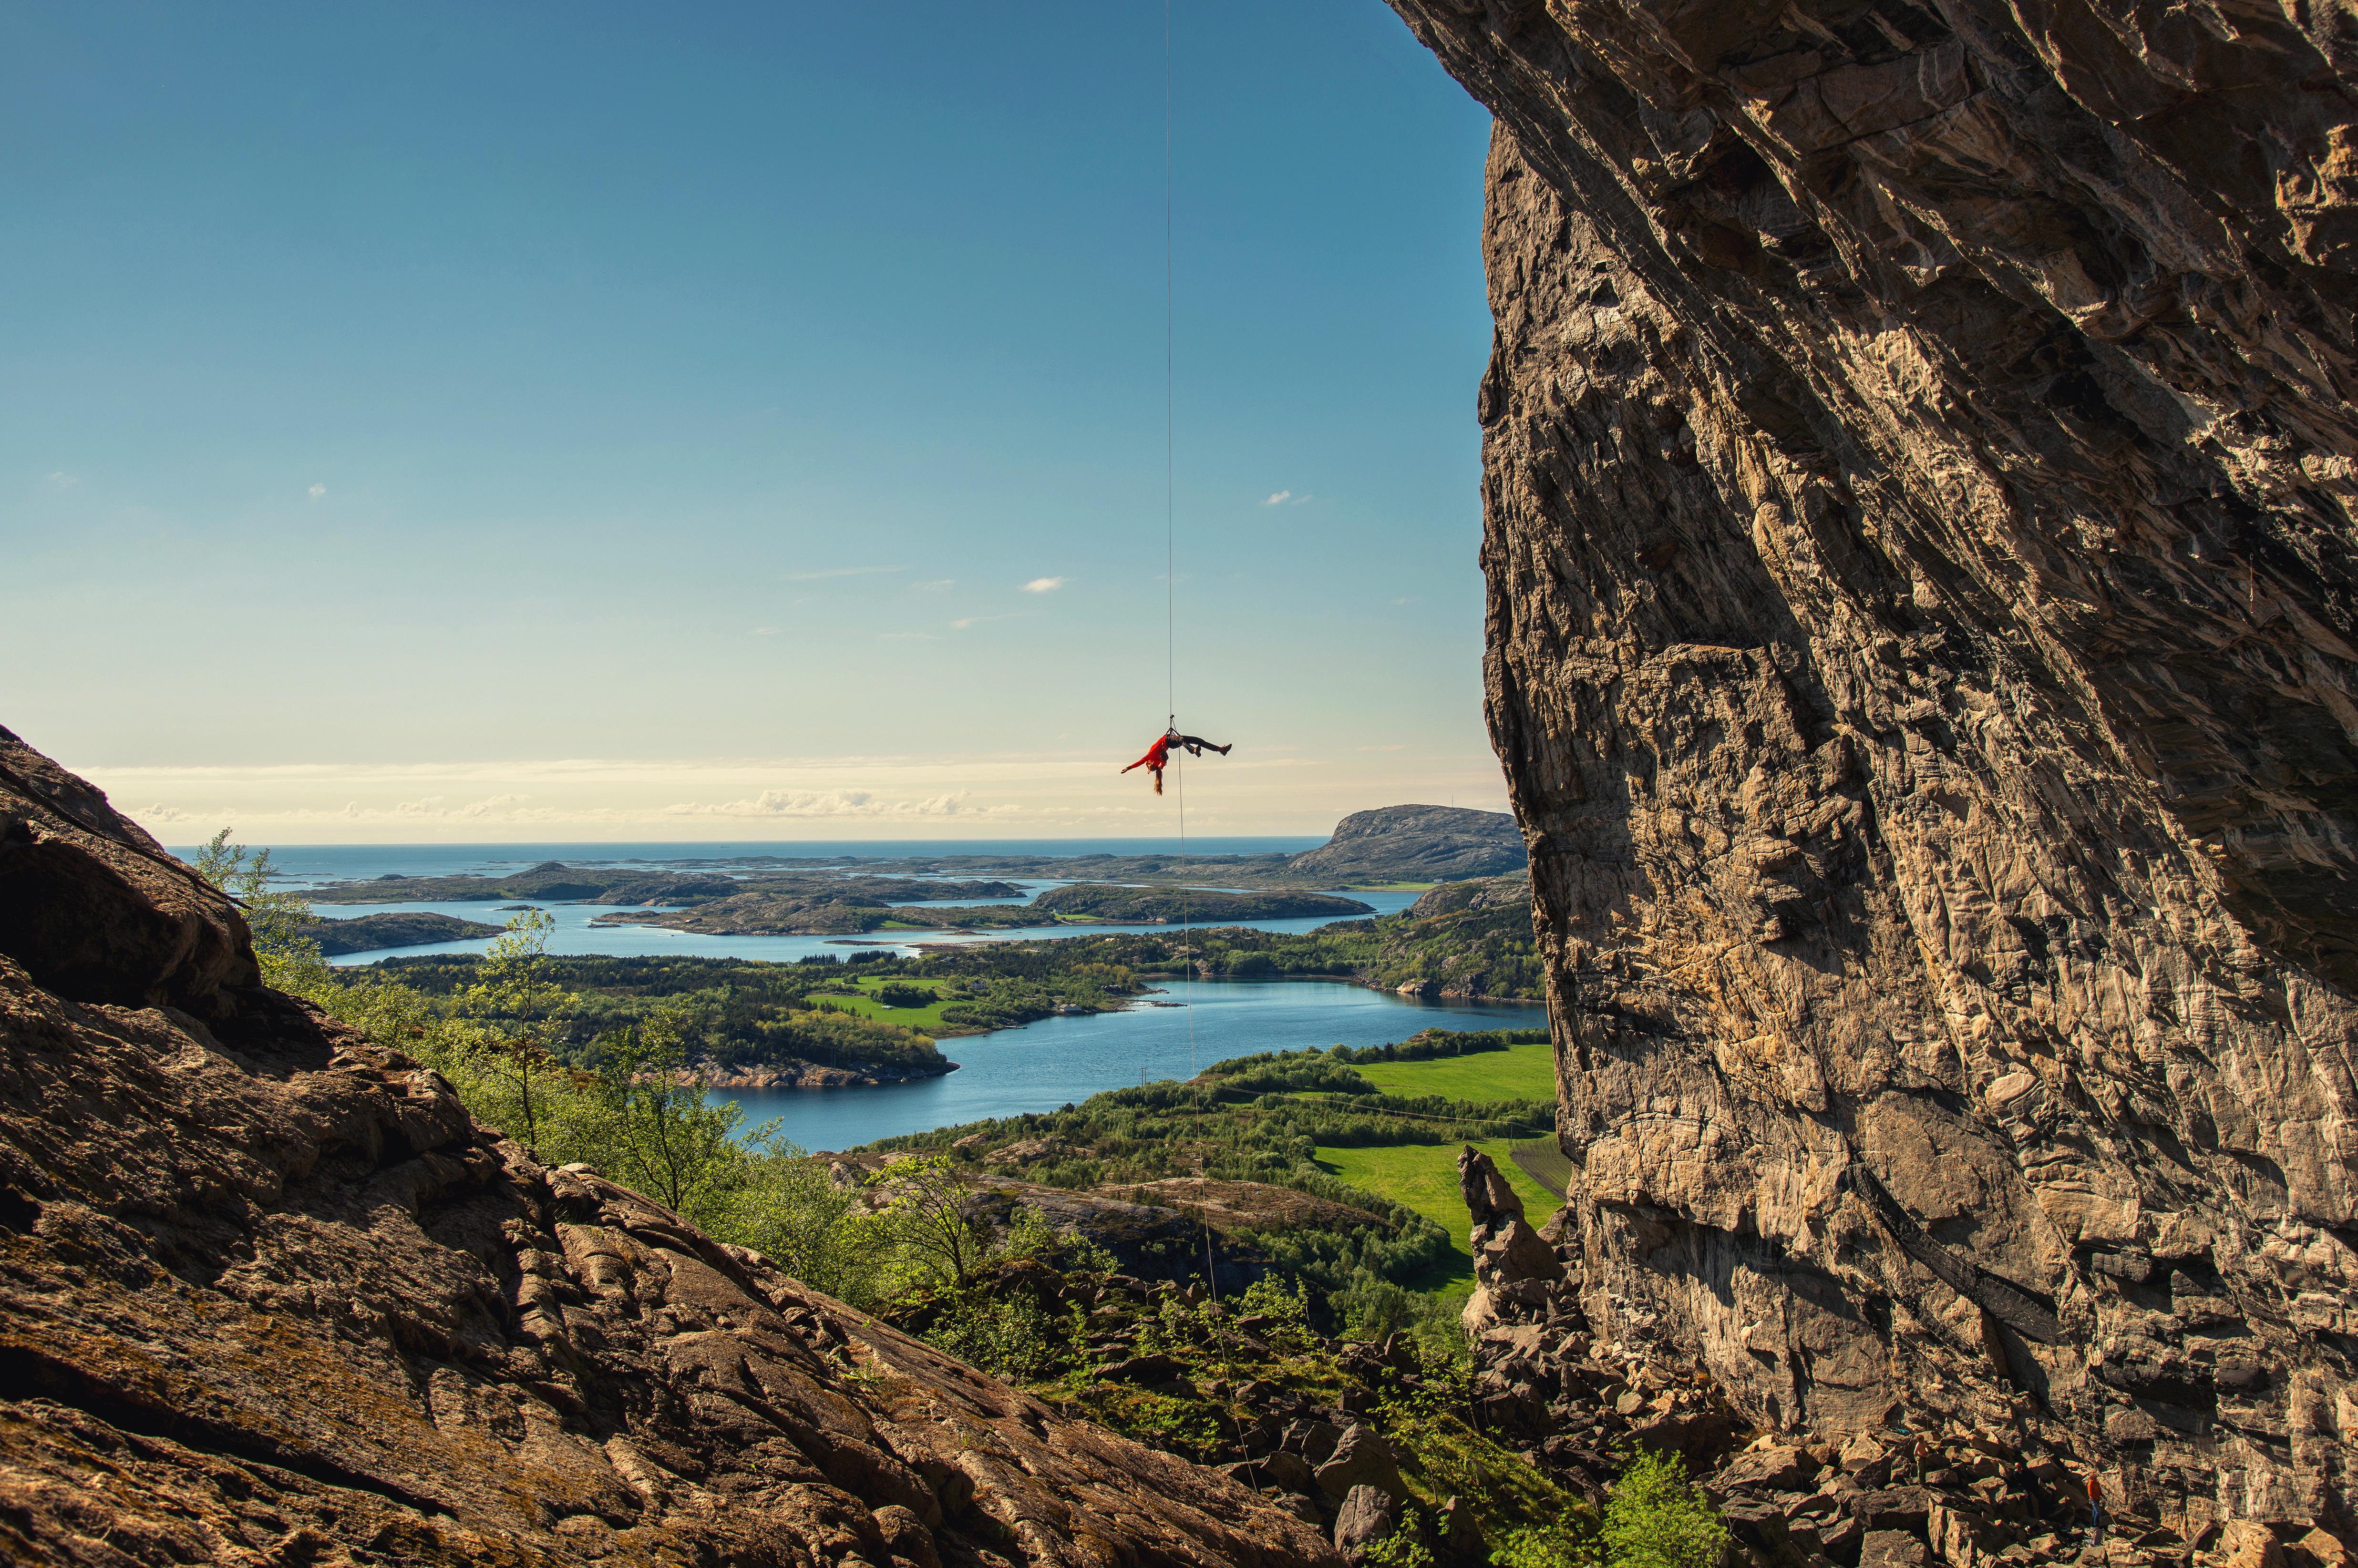 Hanshelleren - Unik klatrevegg i Flatanger. En person henger i tau ved Hanshelleren. Sommer.